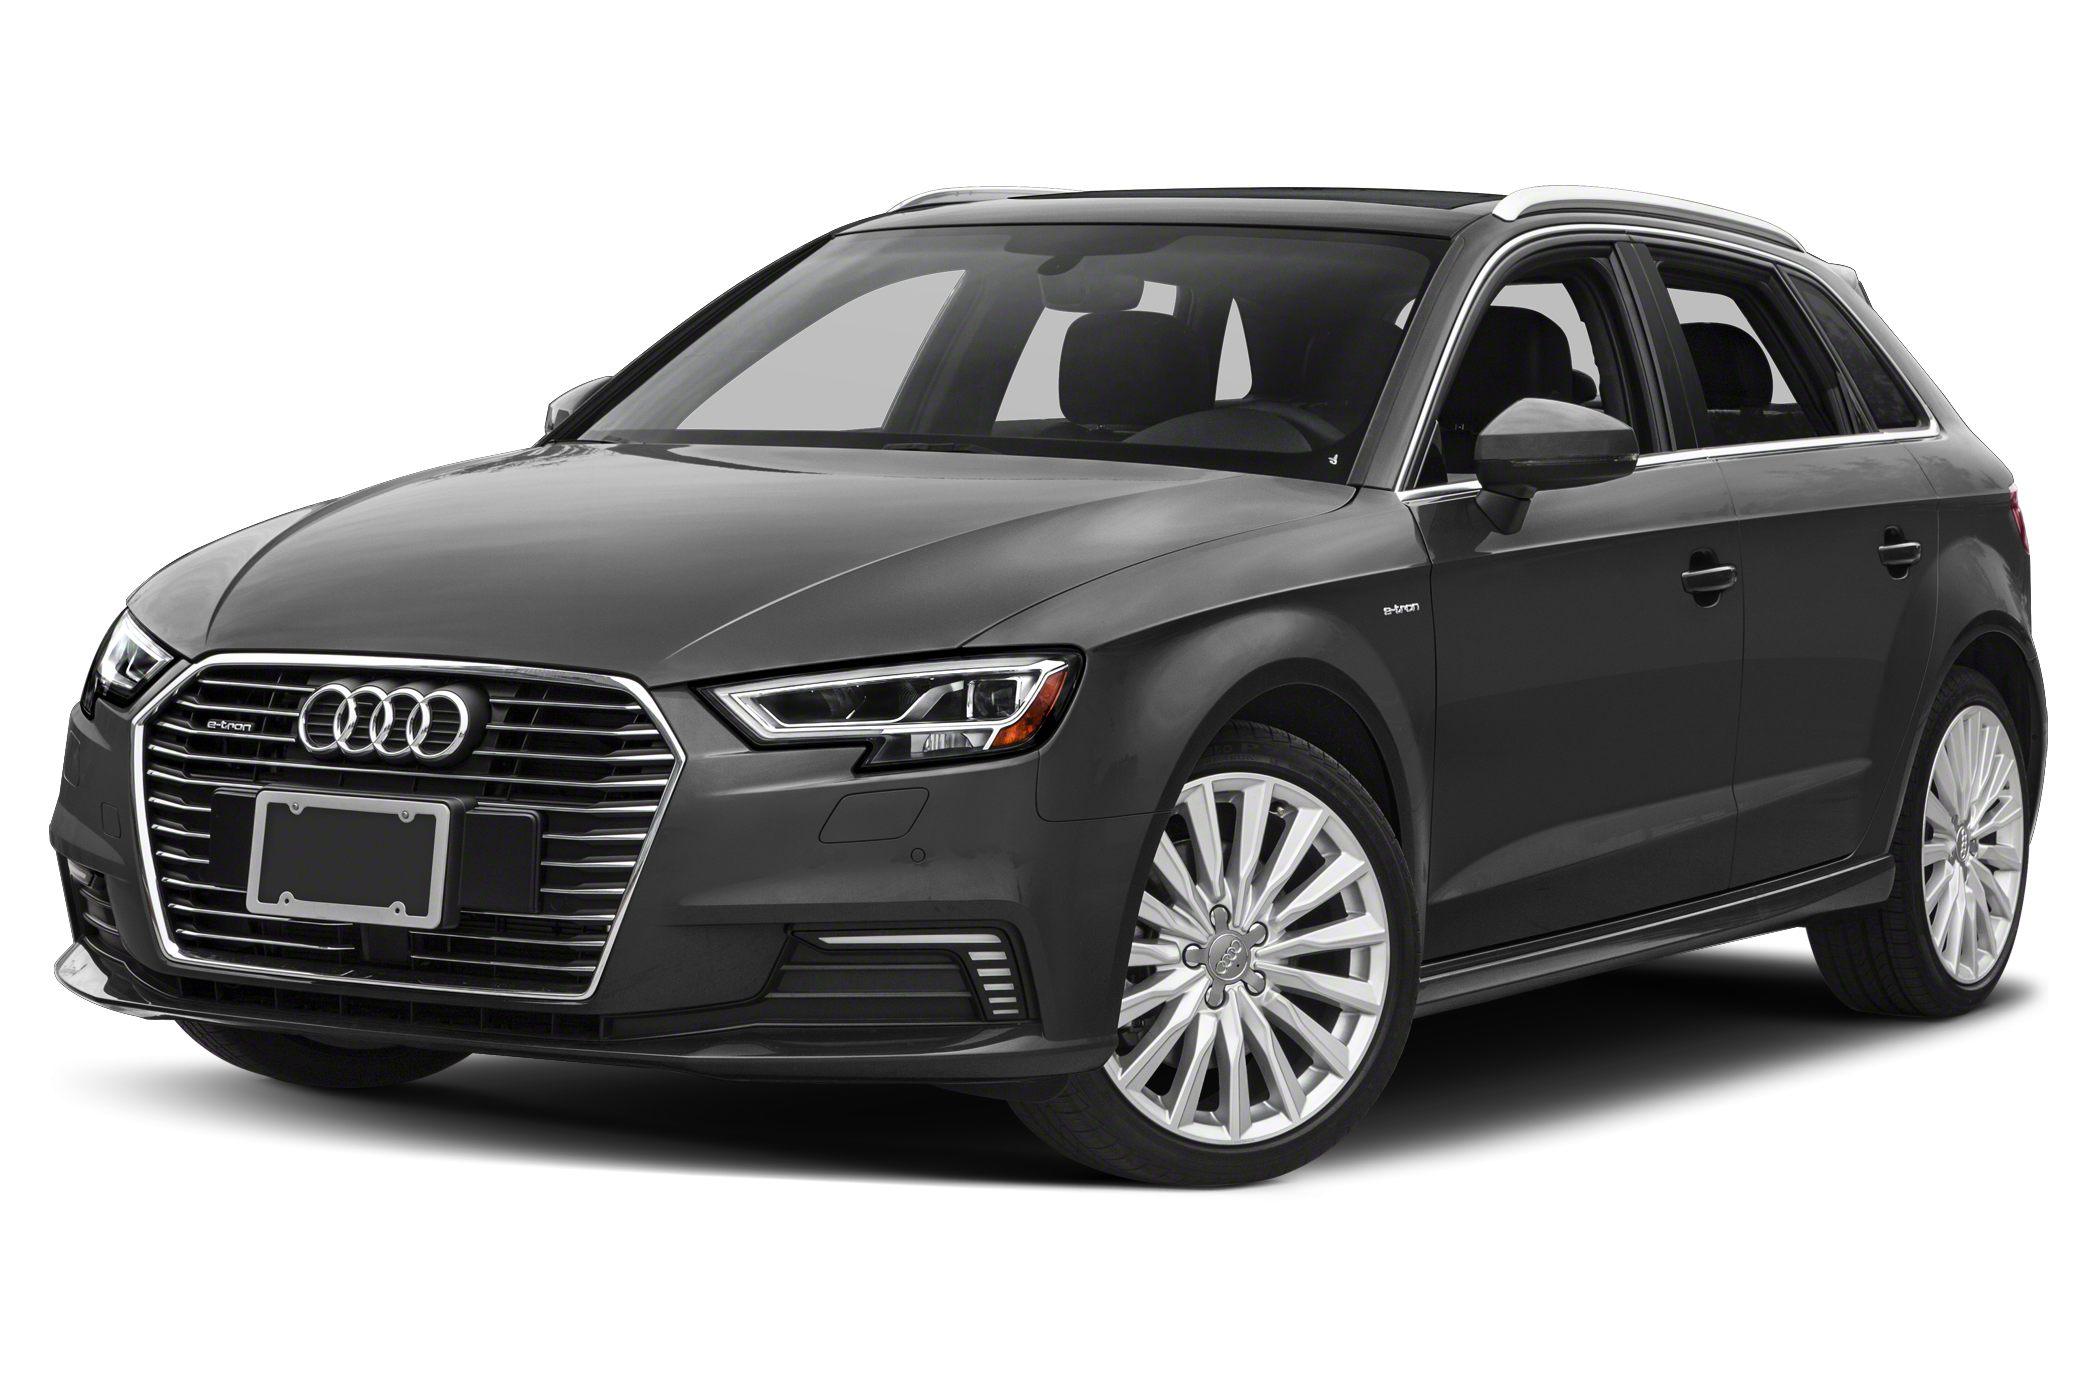 2018 Audi A3 E Tron